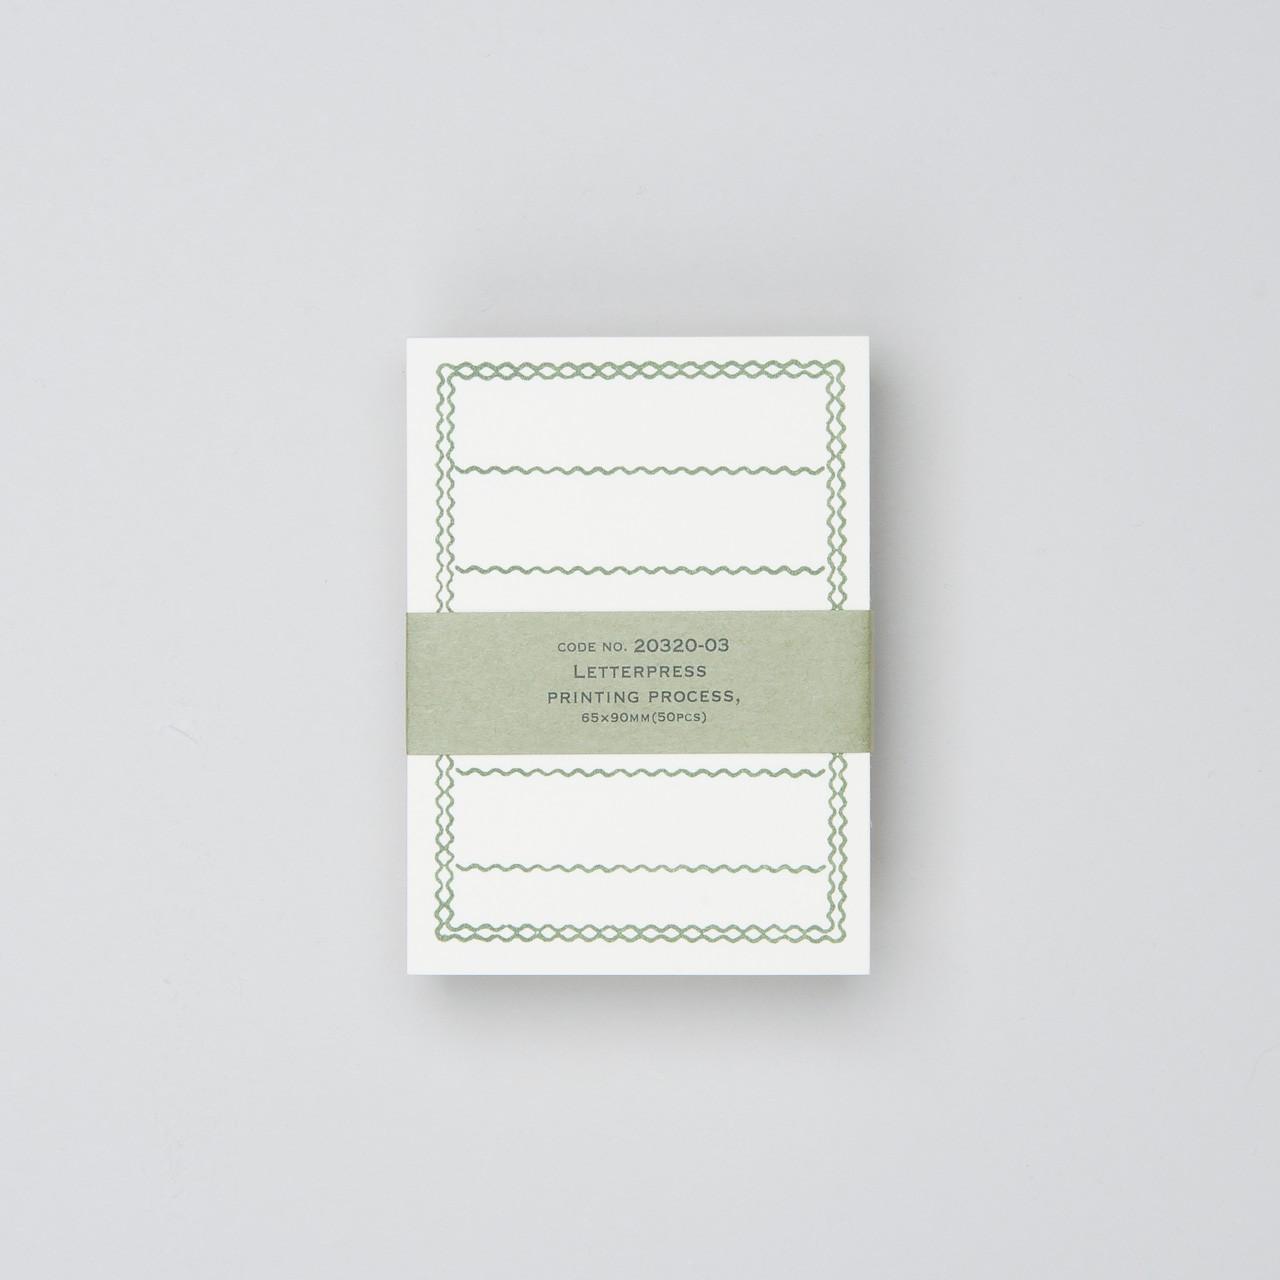 Notizkarten 65 x 90 mm (50 St.) mit grünem Rahmen